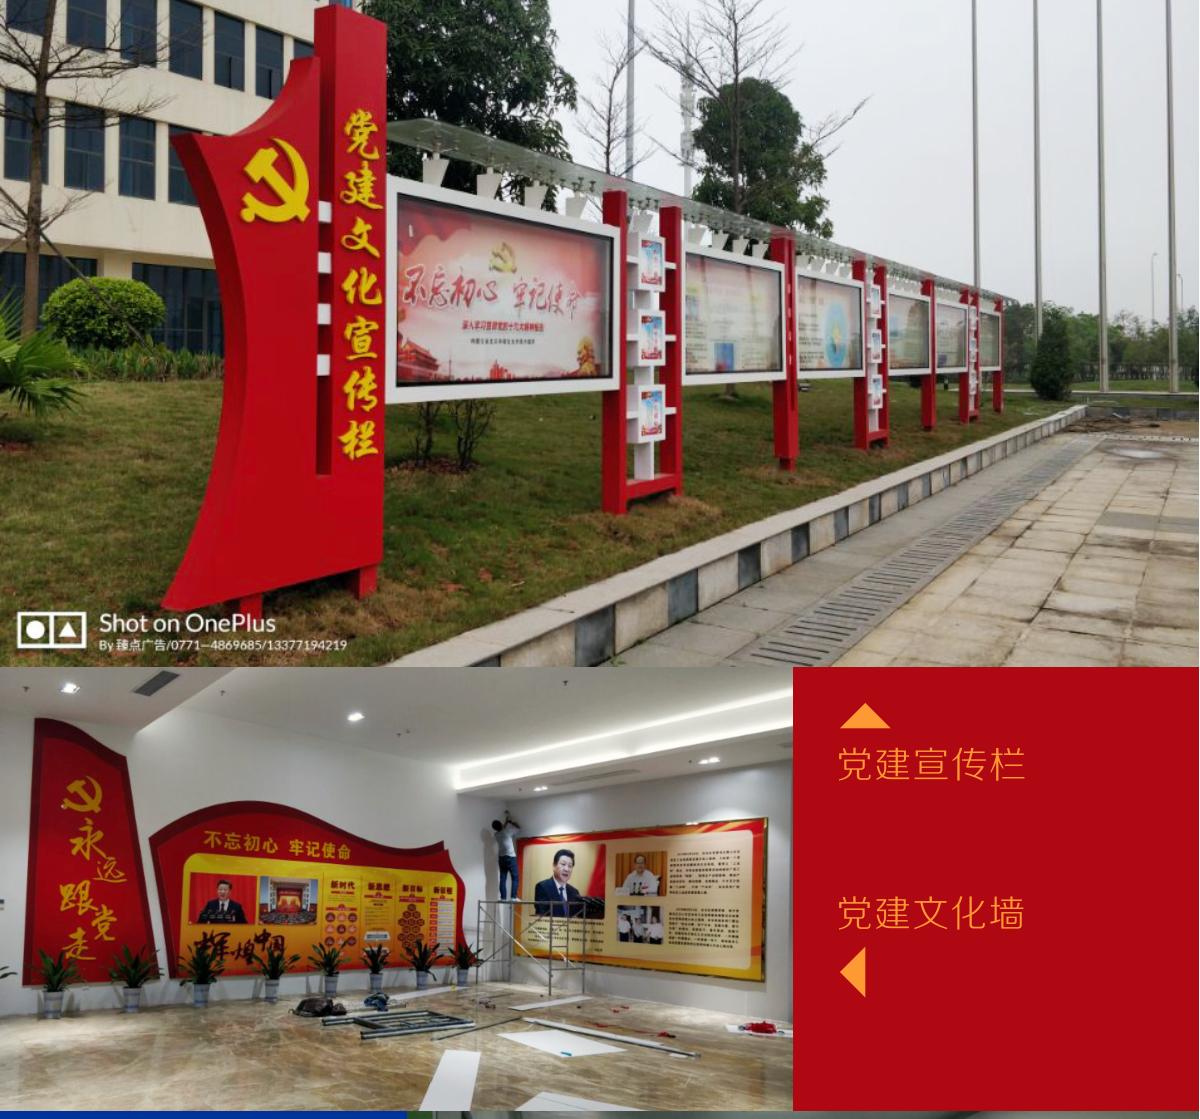 海王工地围挡党建企业文化_03.png